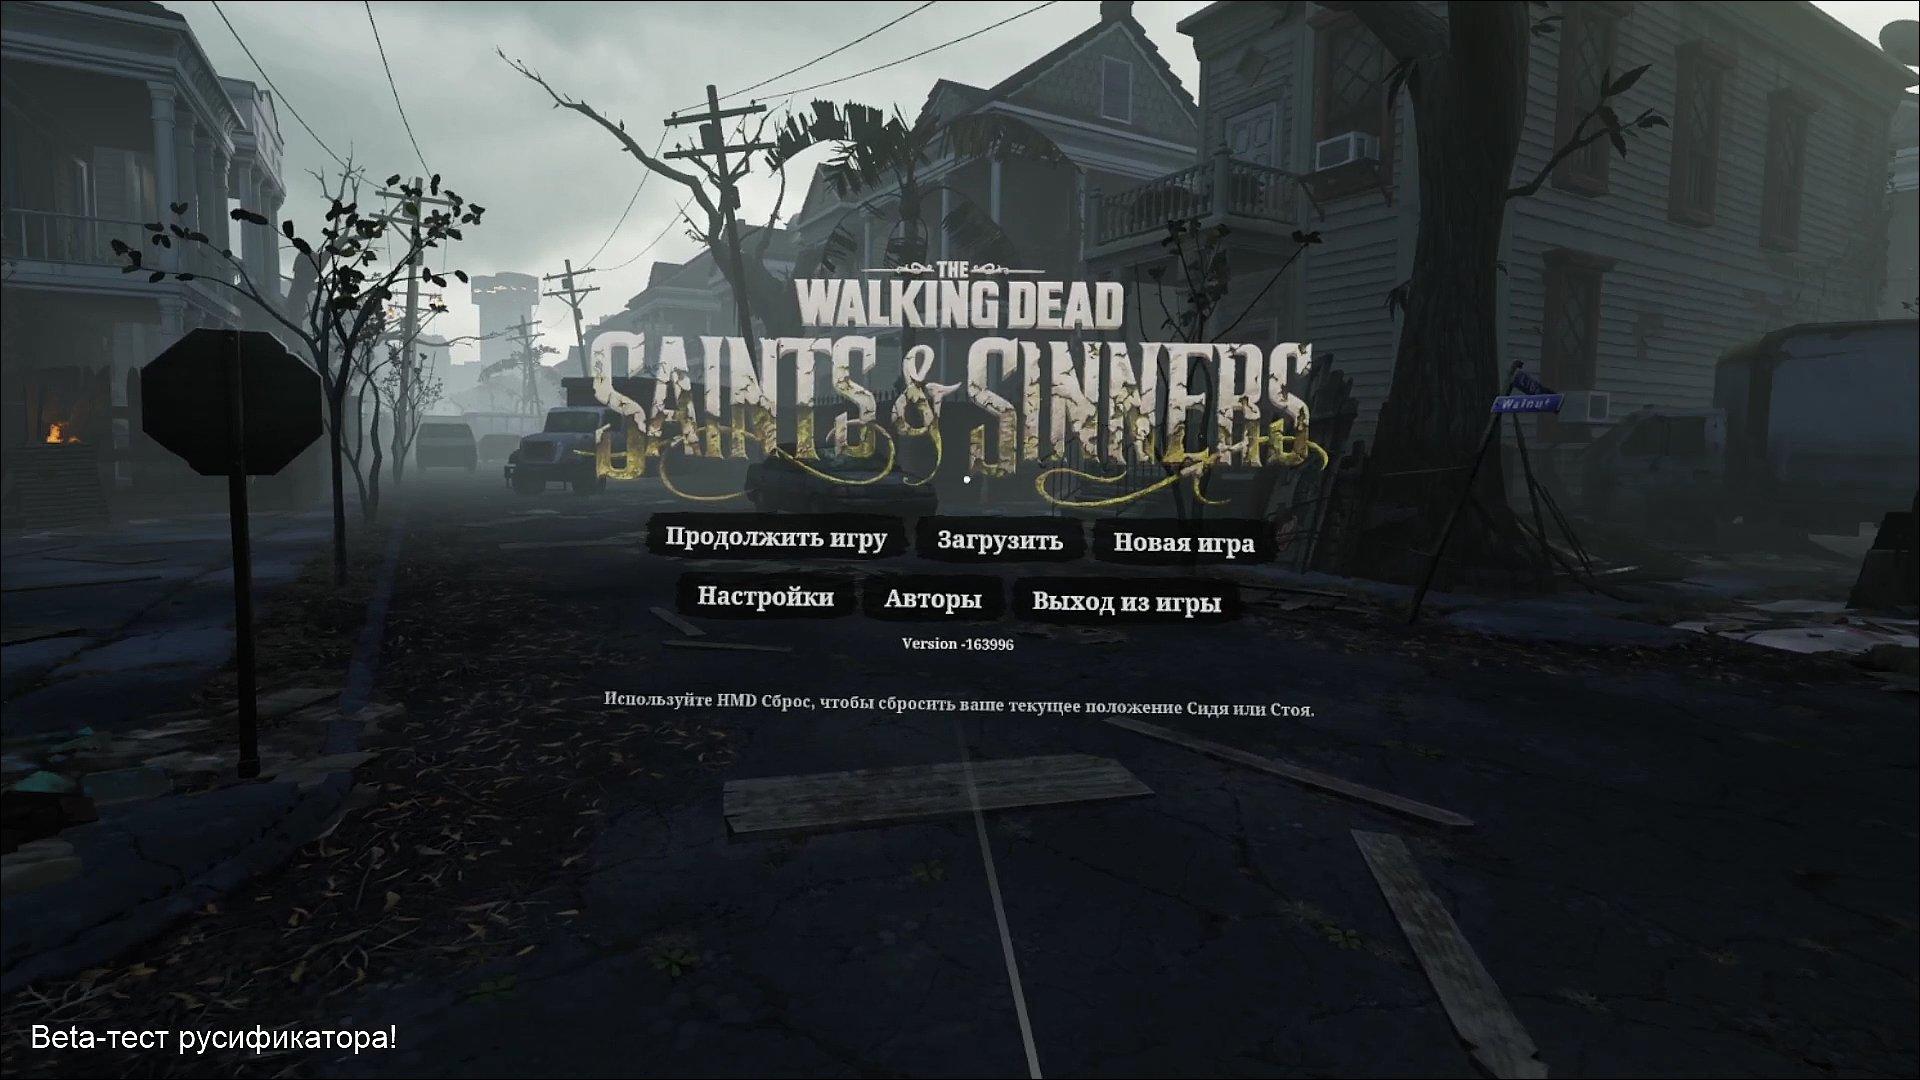 Вышел русификатор The Walking Dead: Saints & Sinners